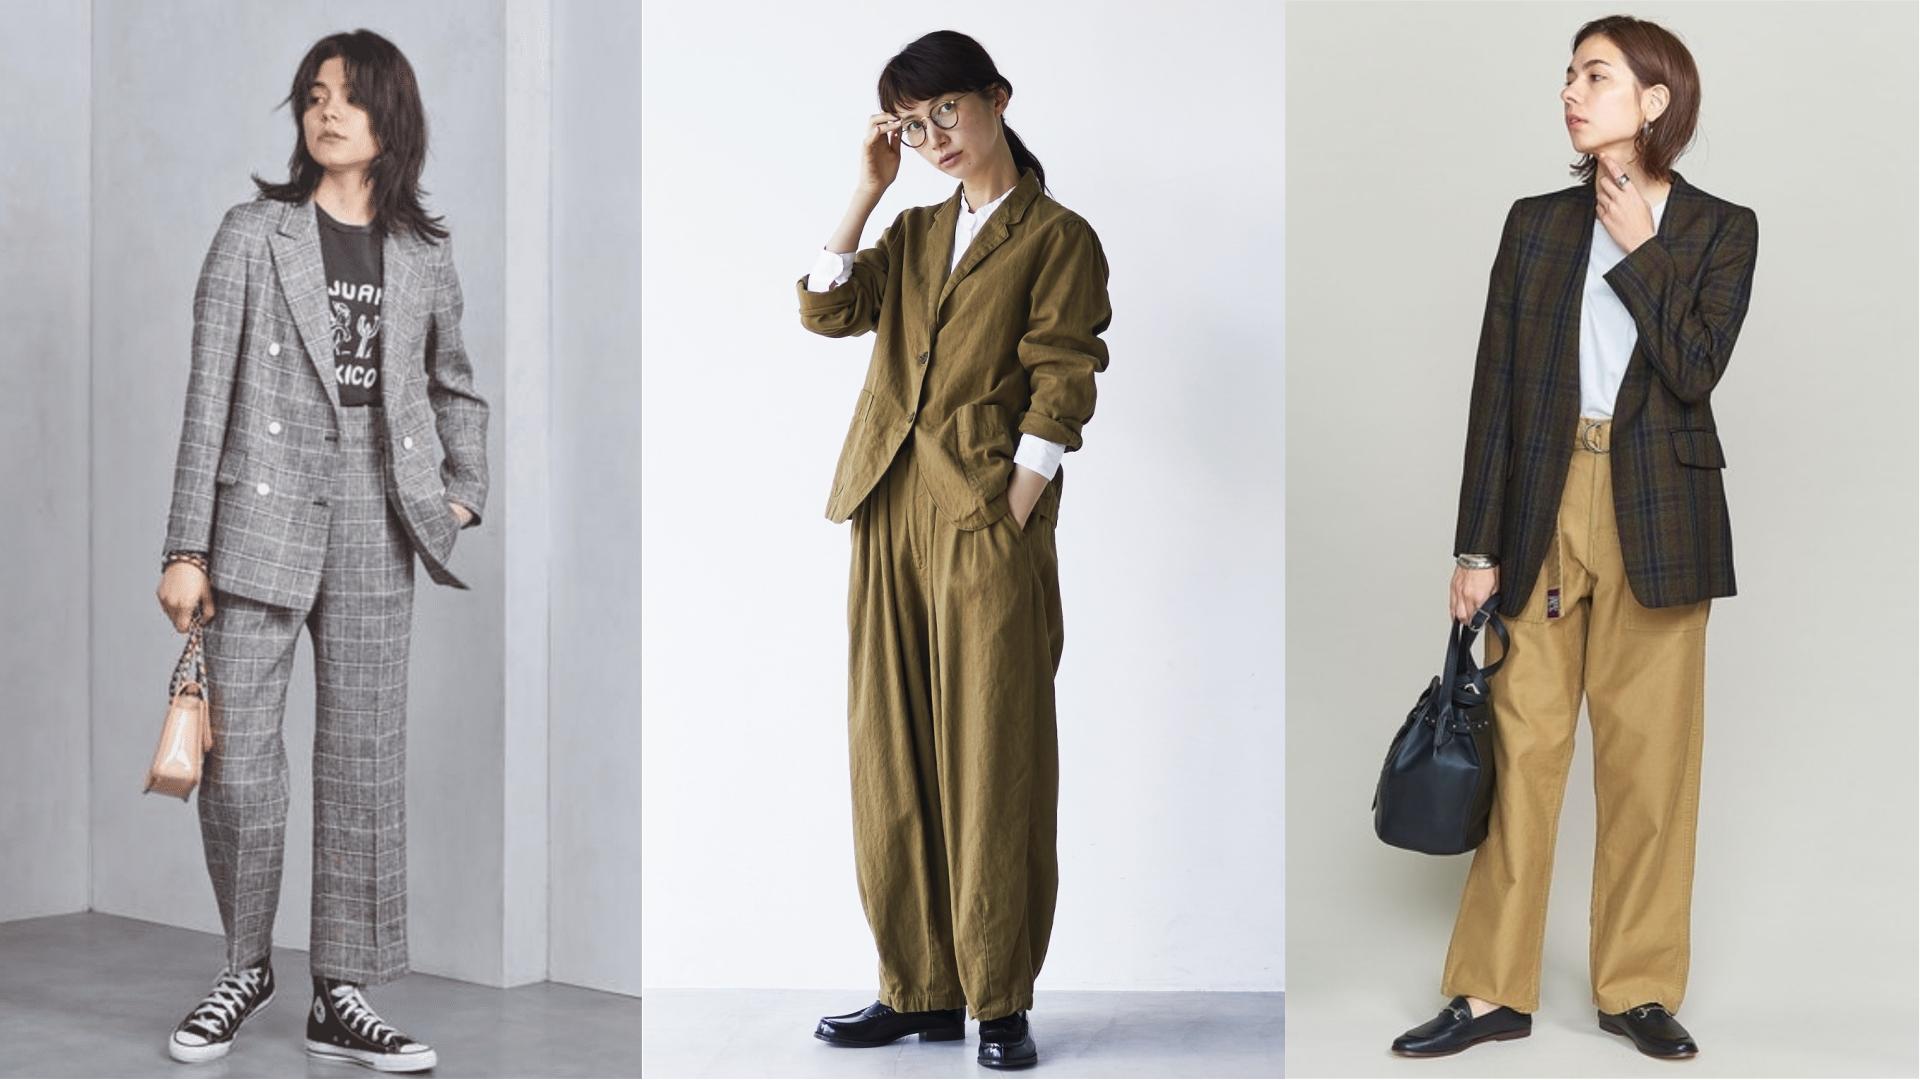 誰說紳裝專屬於男性!秋日就用紳裝打造日系女子的『Gentlewoman Style』